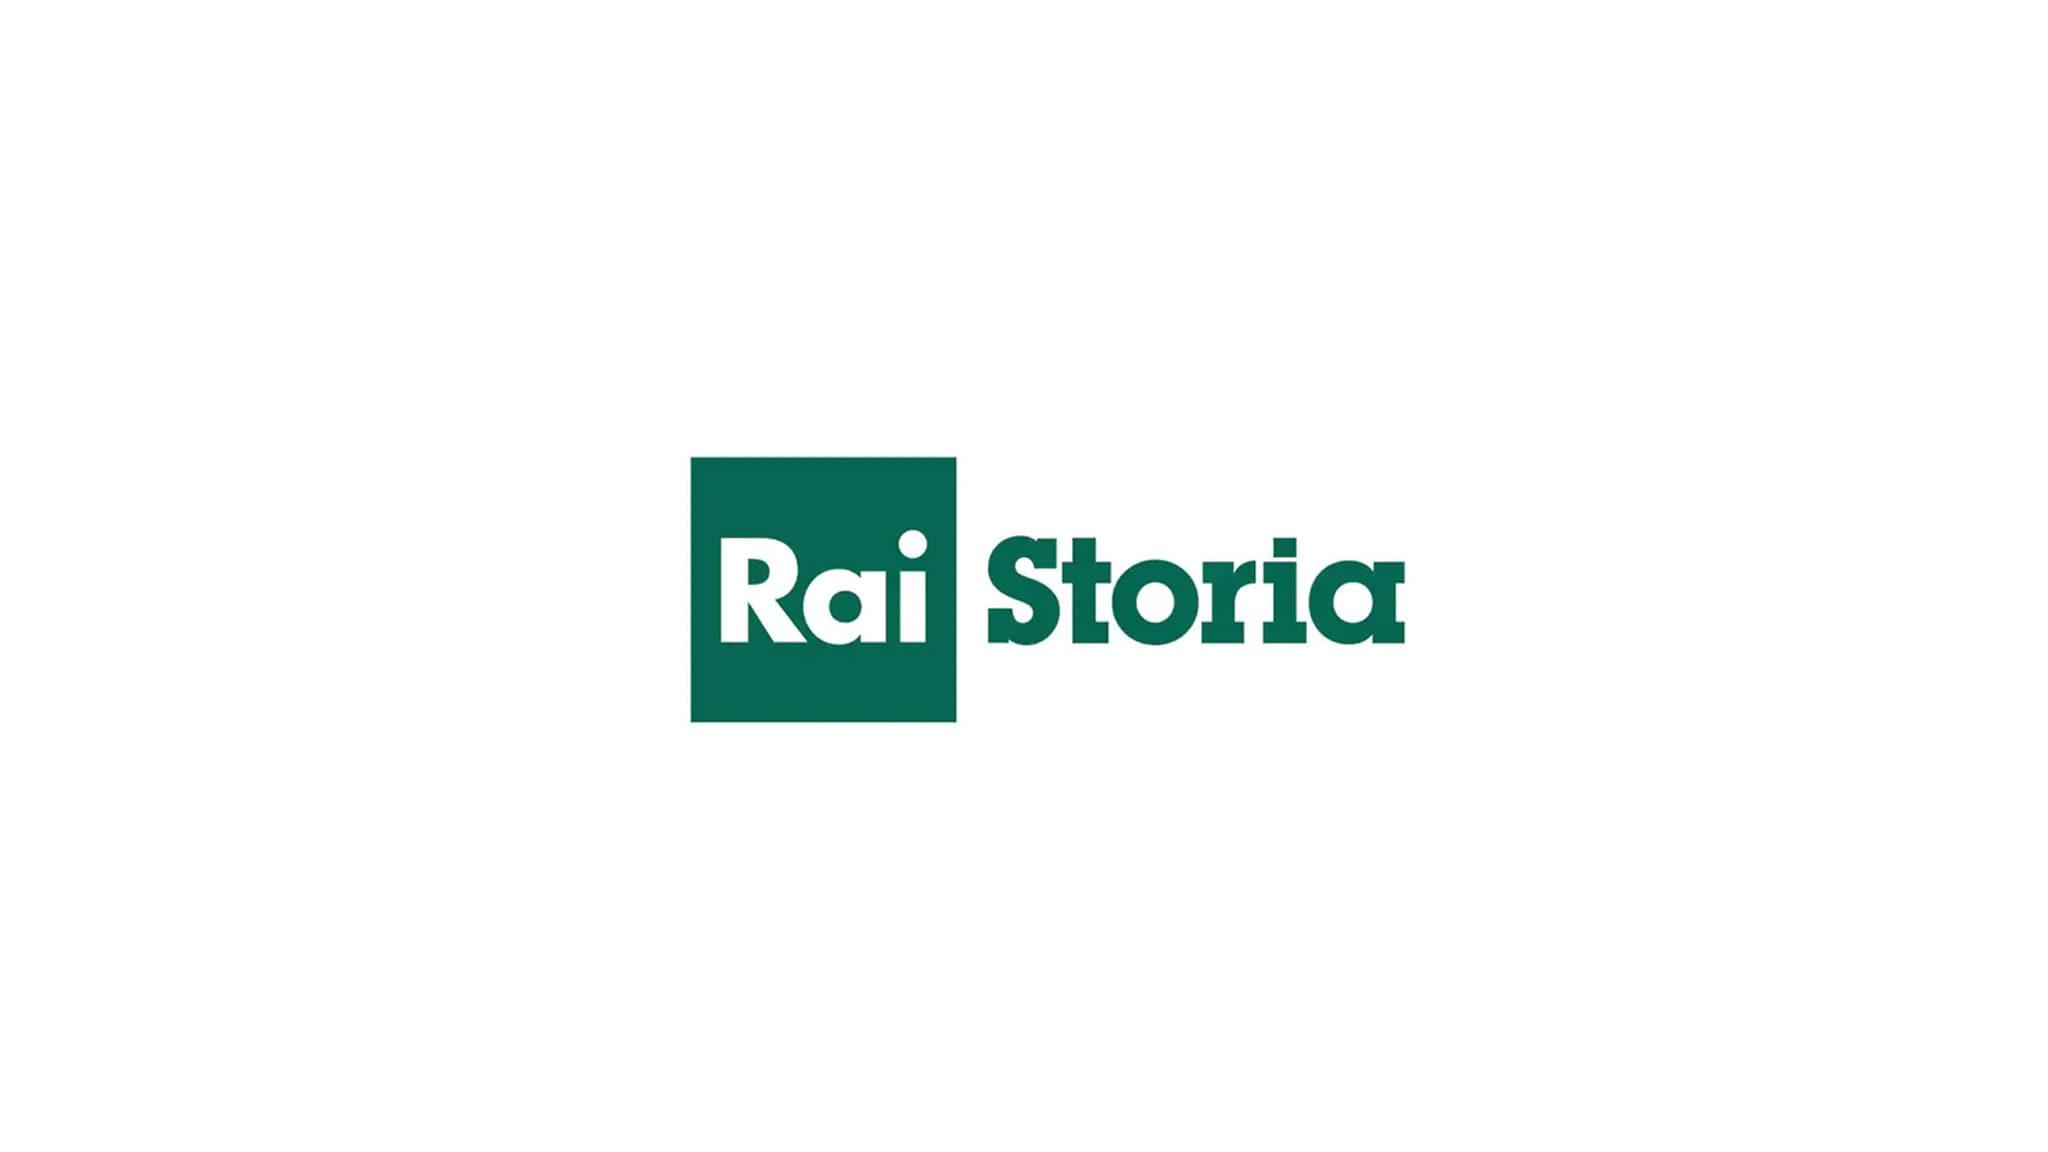 Rai Storia Sanremo Fronteretro 2001-2009 - L' istituzione p.6